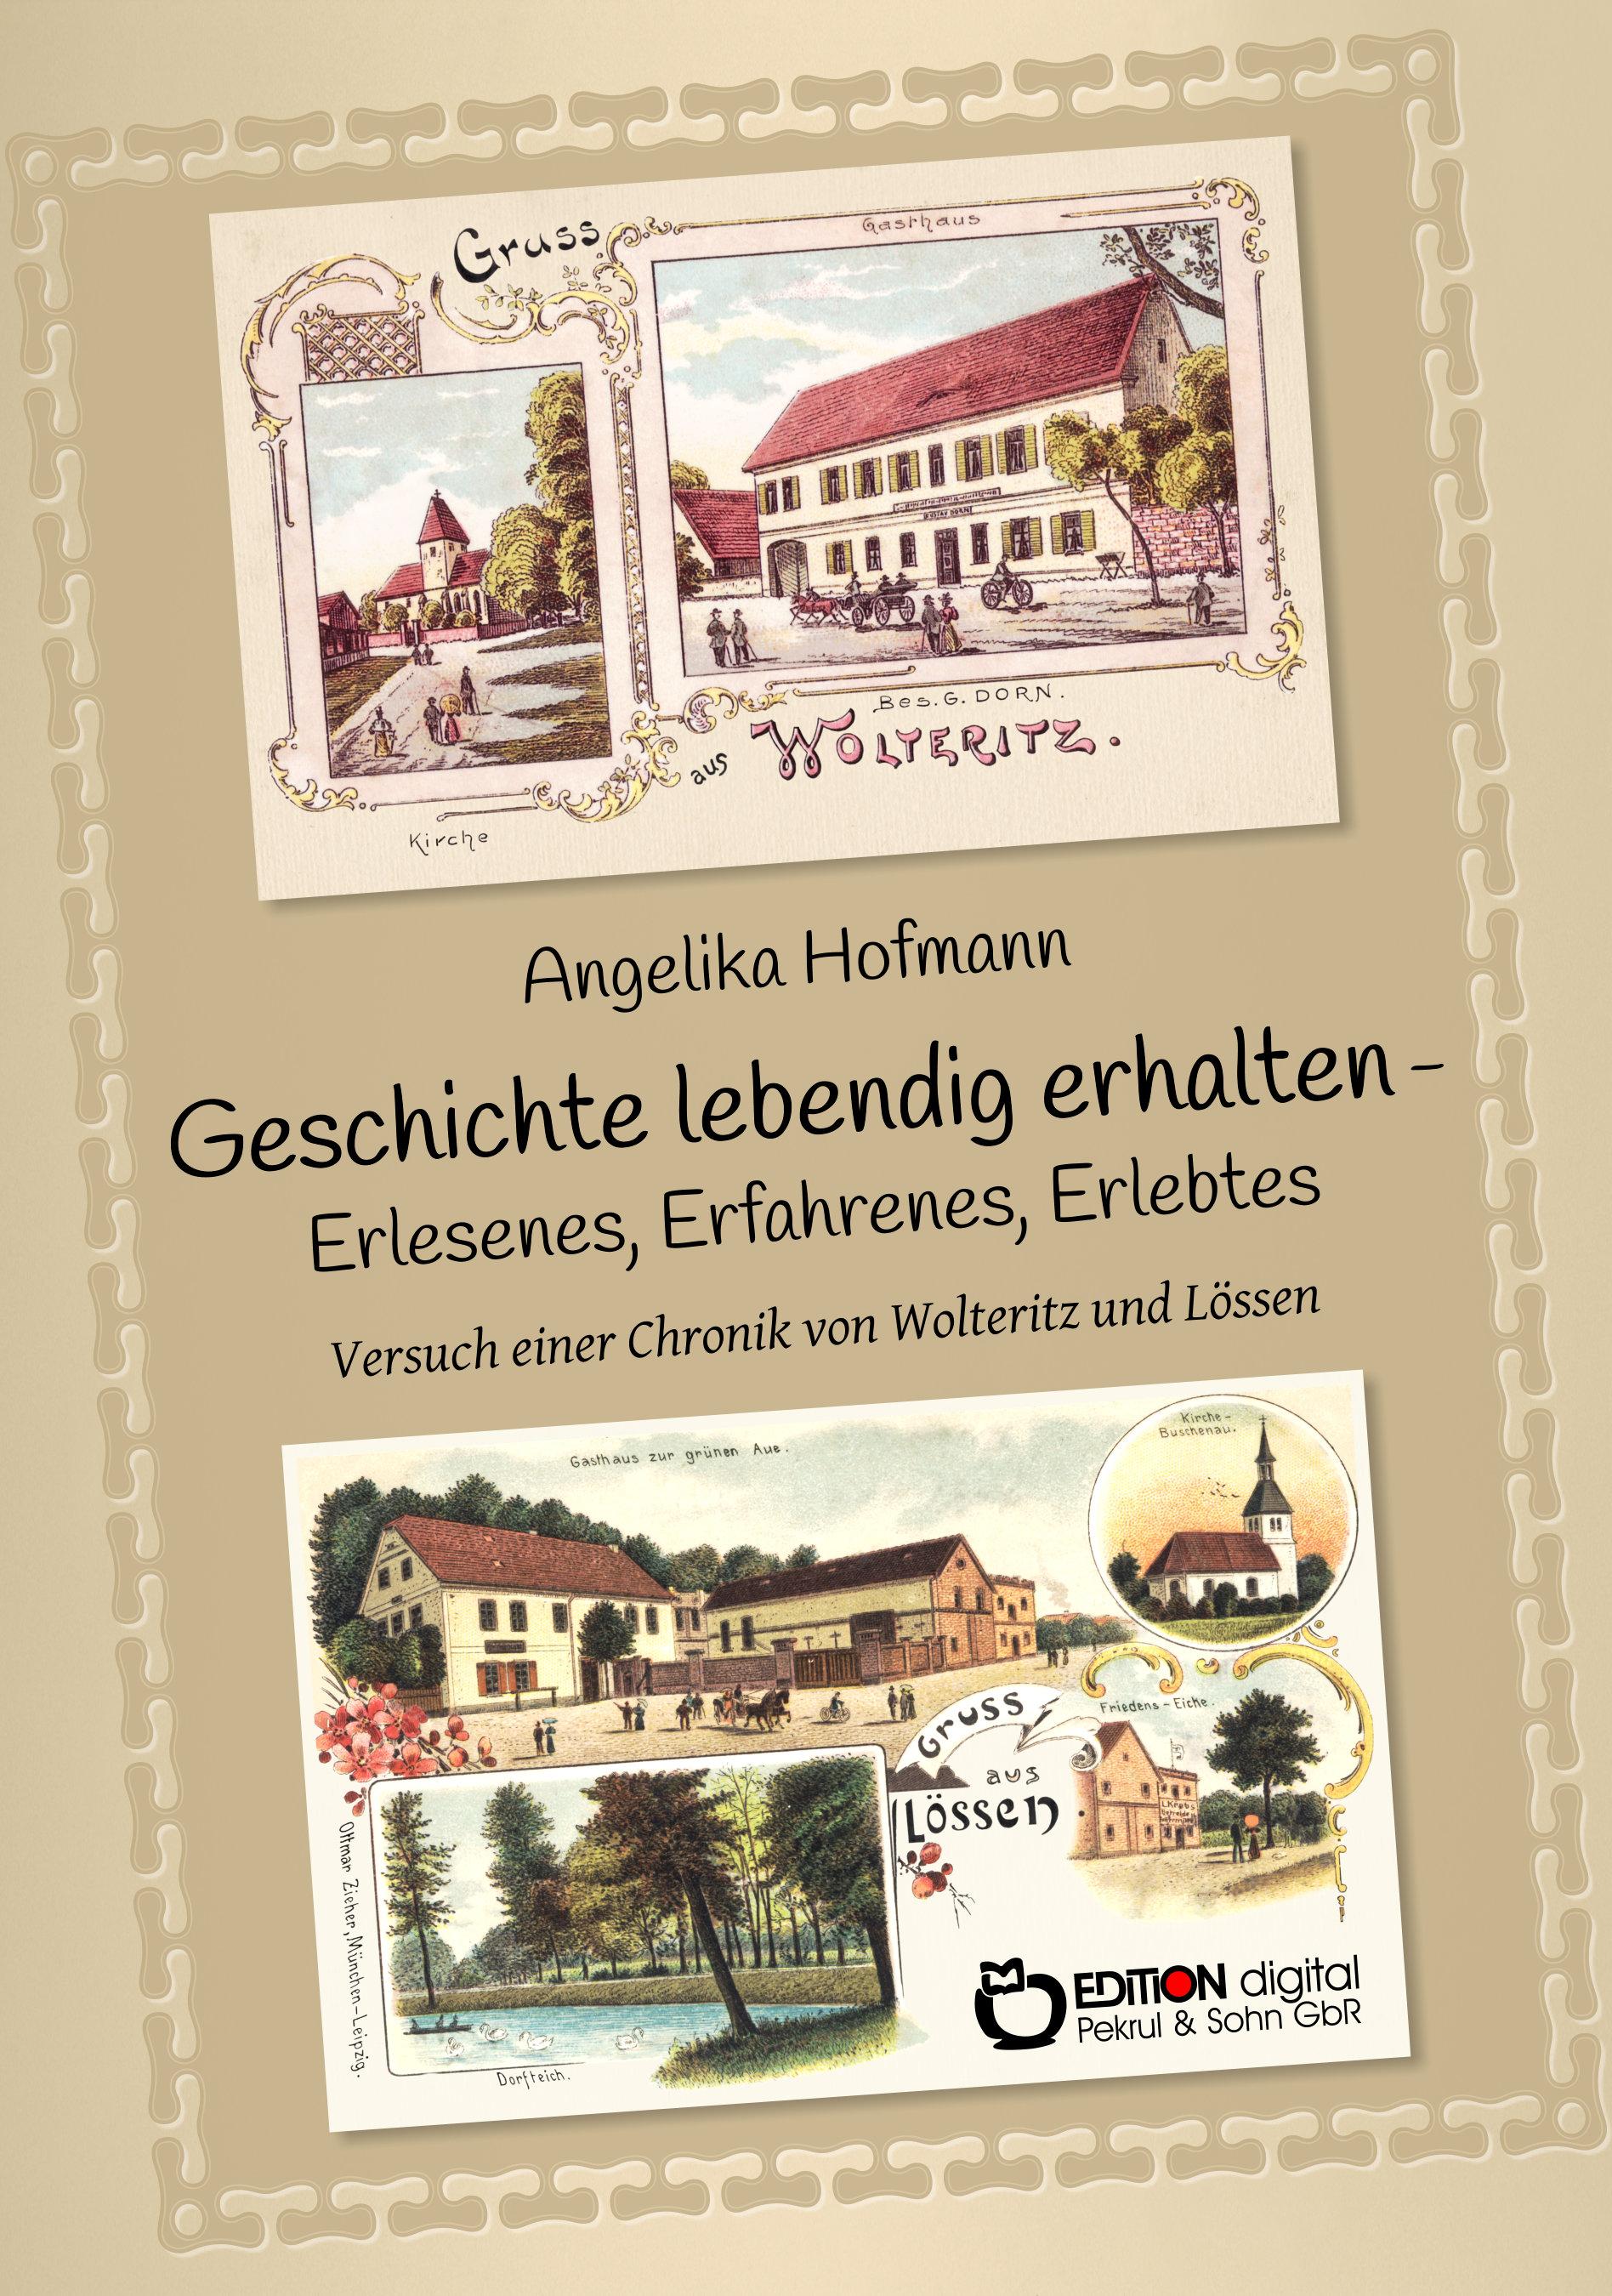 Geschichte lebendig halten – Erlesenes, Erfahrenes, Erlebtes. Versuch einer Chronik von Wolteritz und Lössen von Angelika Hofmann